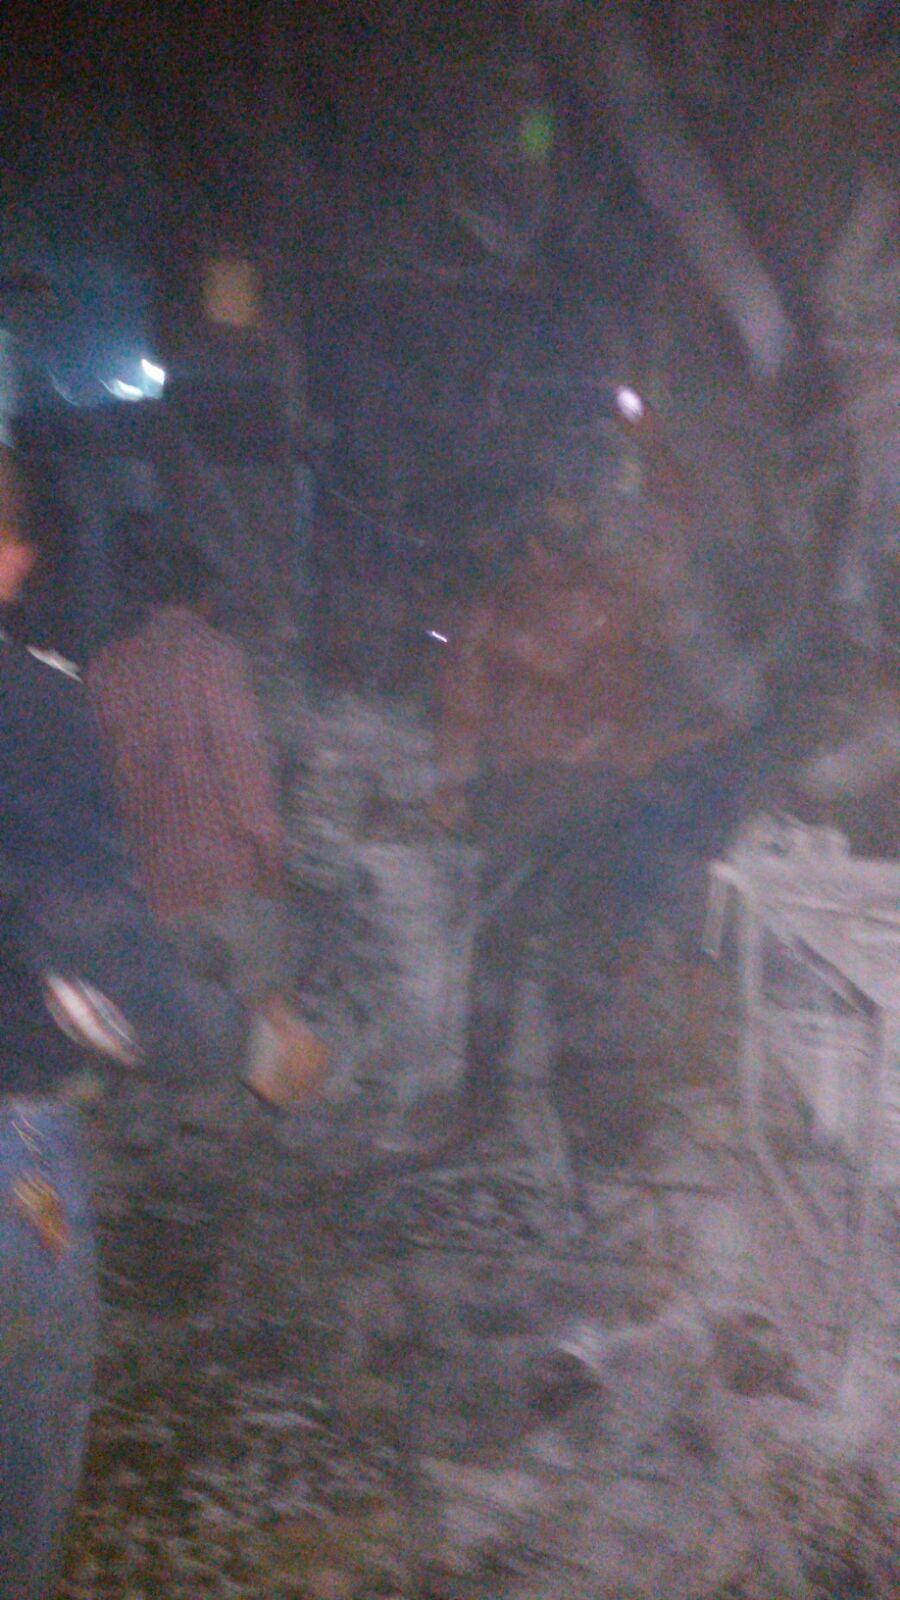 انفجار اسطوانة غاز بورشة خراطة في الزقازيق